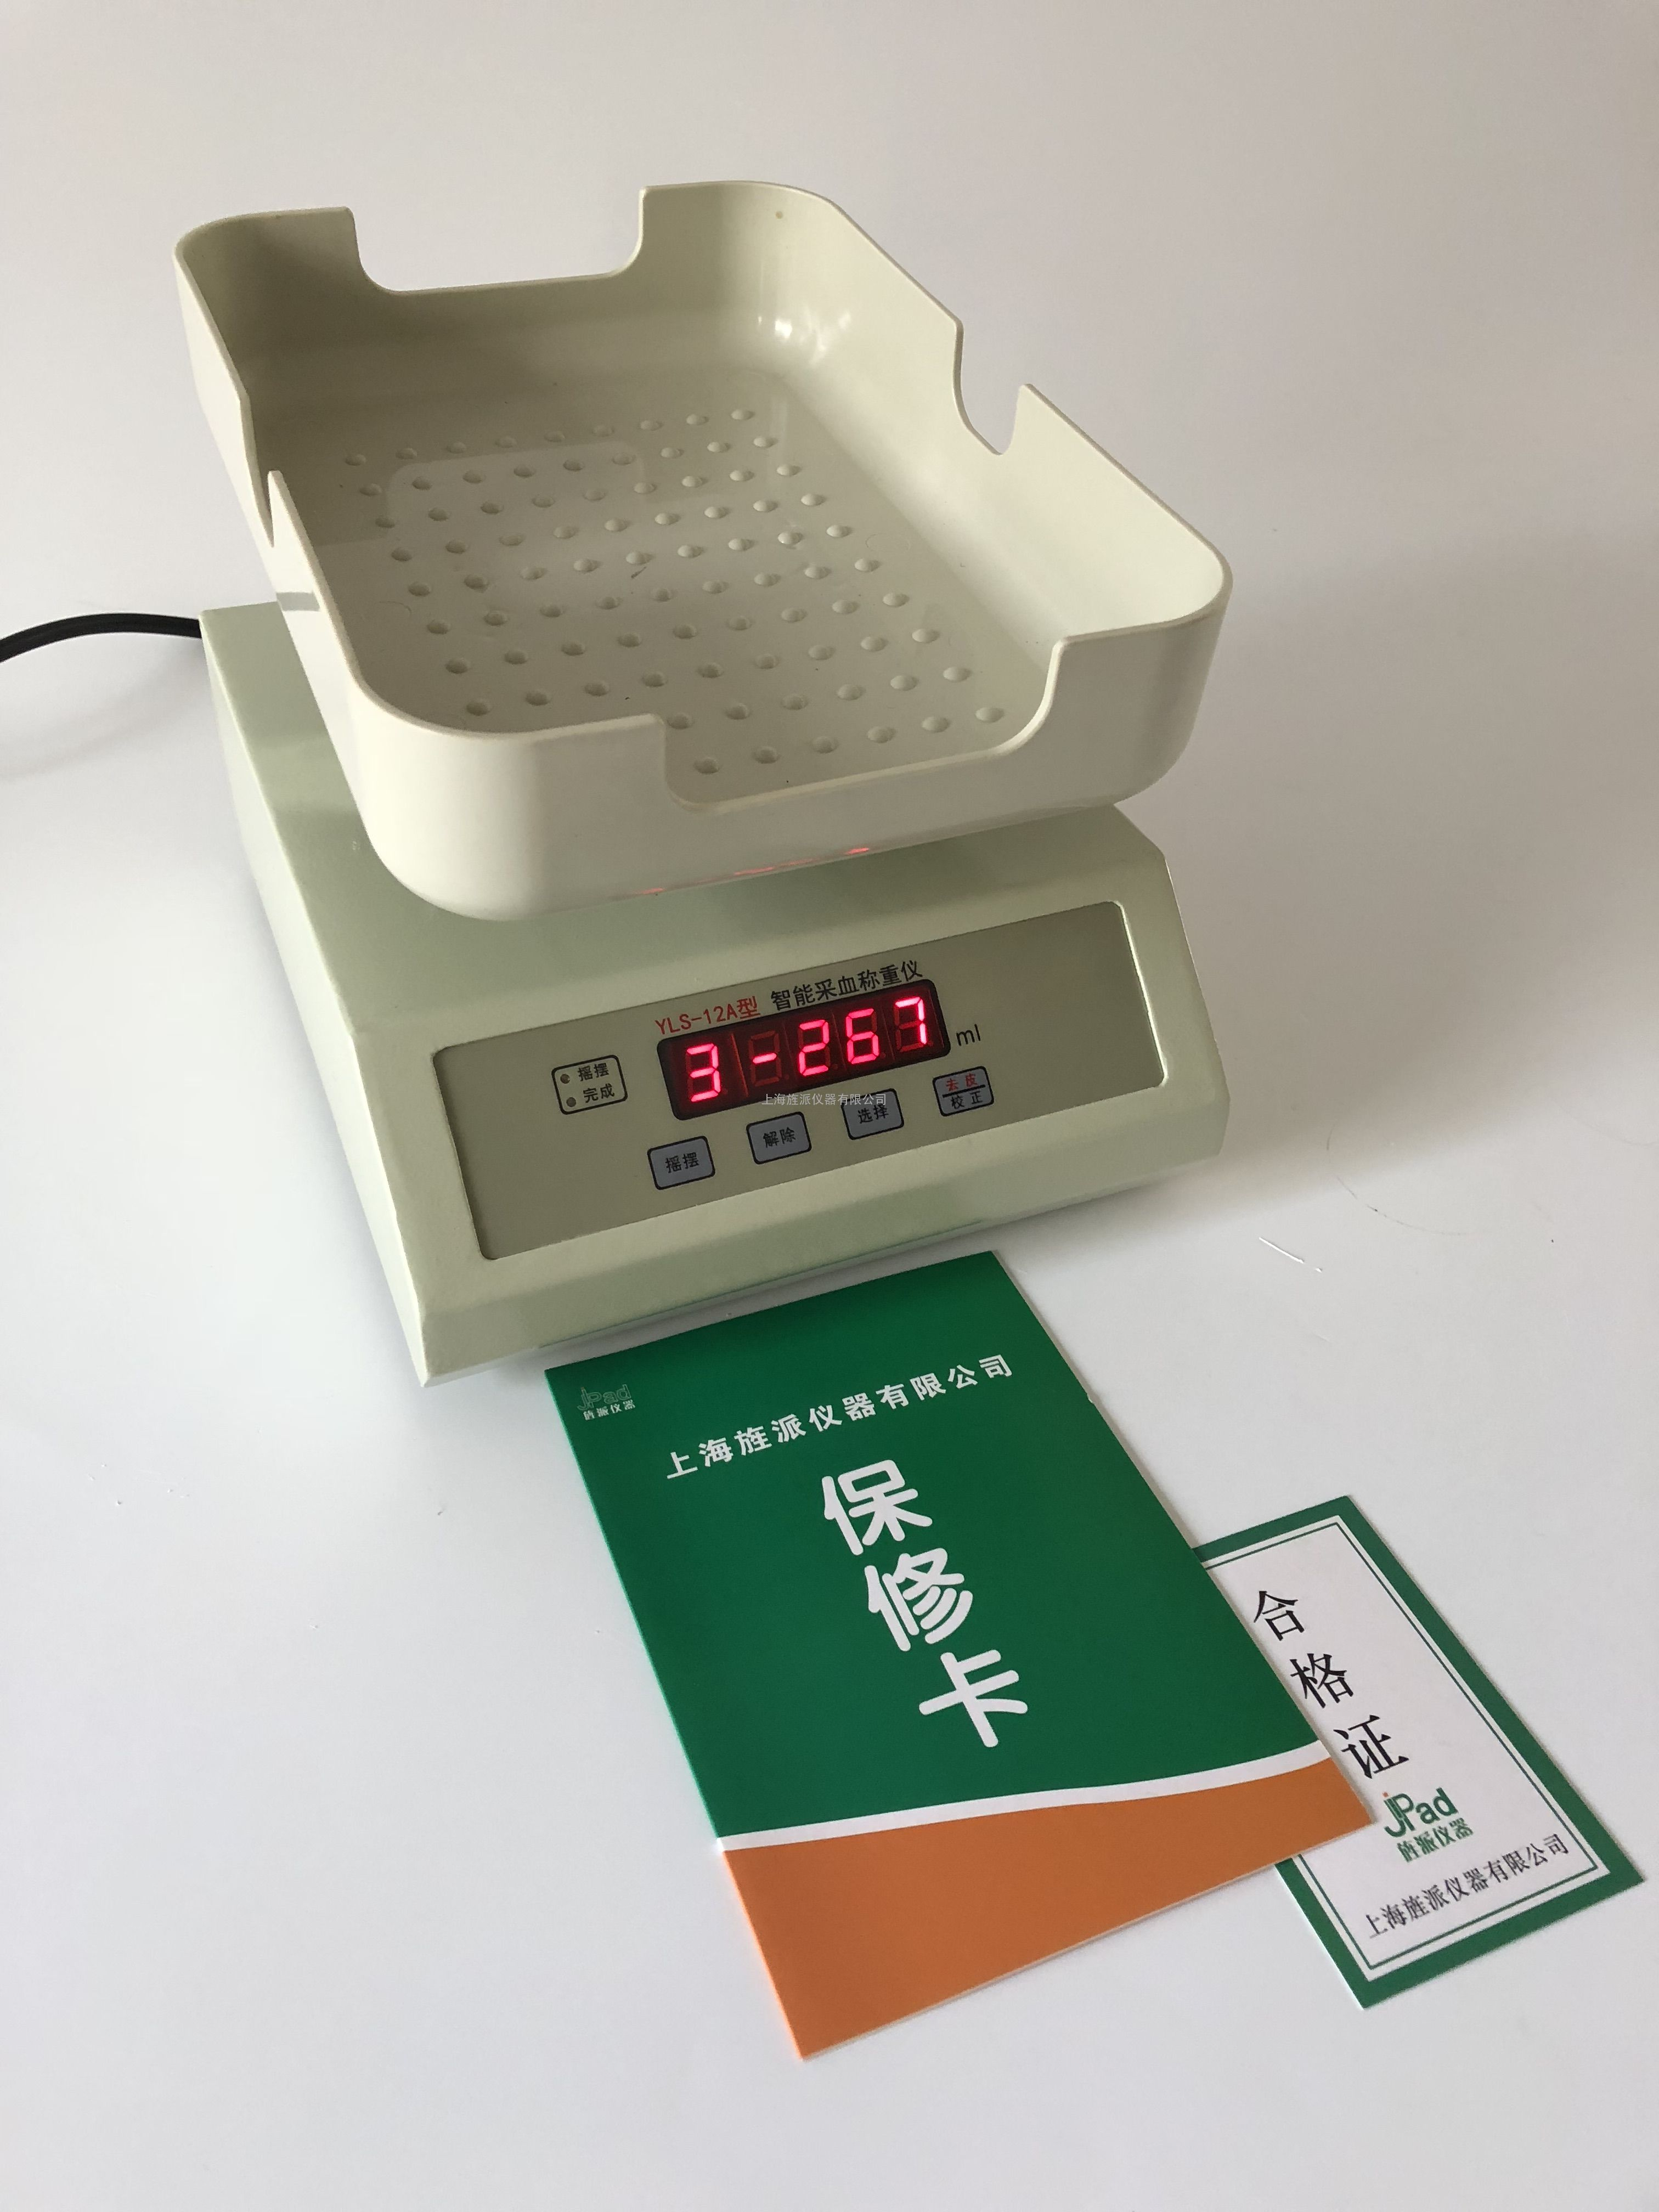 微电脑采液控制器 采血称 医用采血控制器 血液控制器